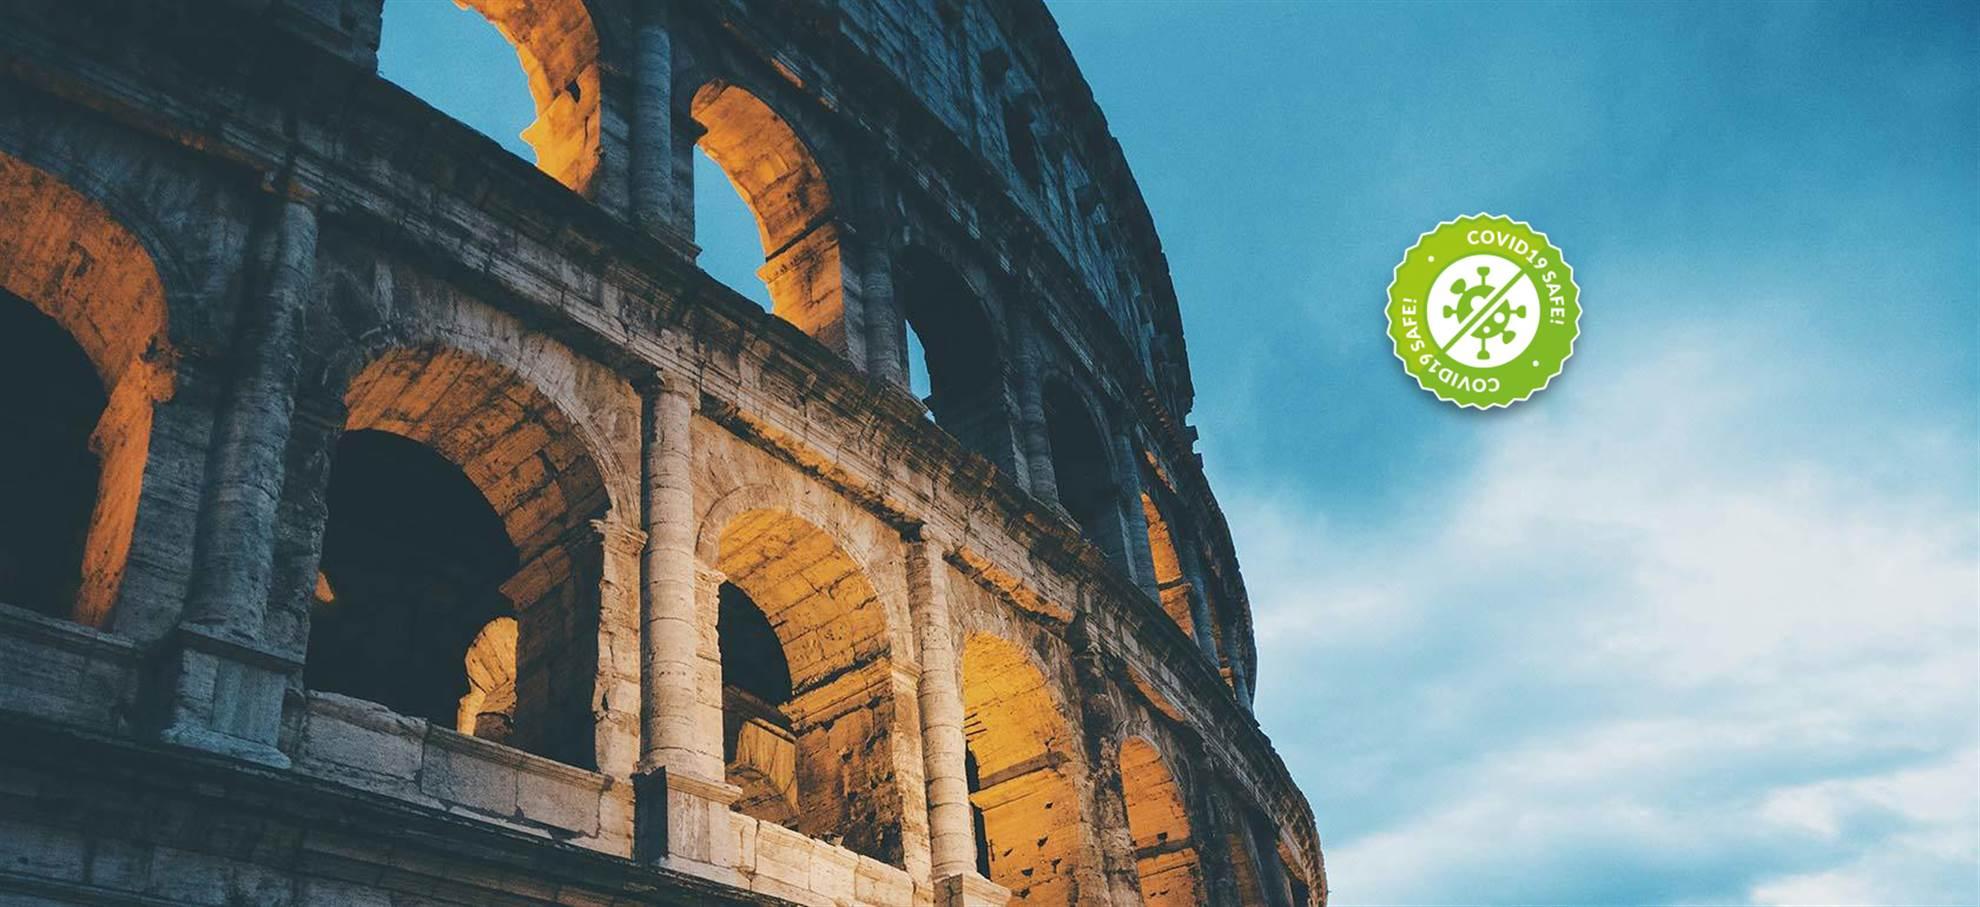 Colosseo, Entrata preferenziale!